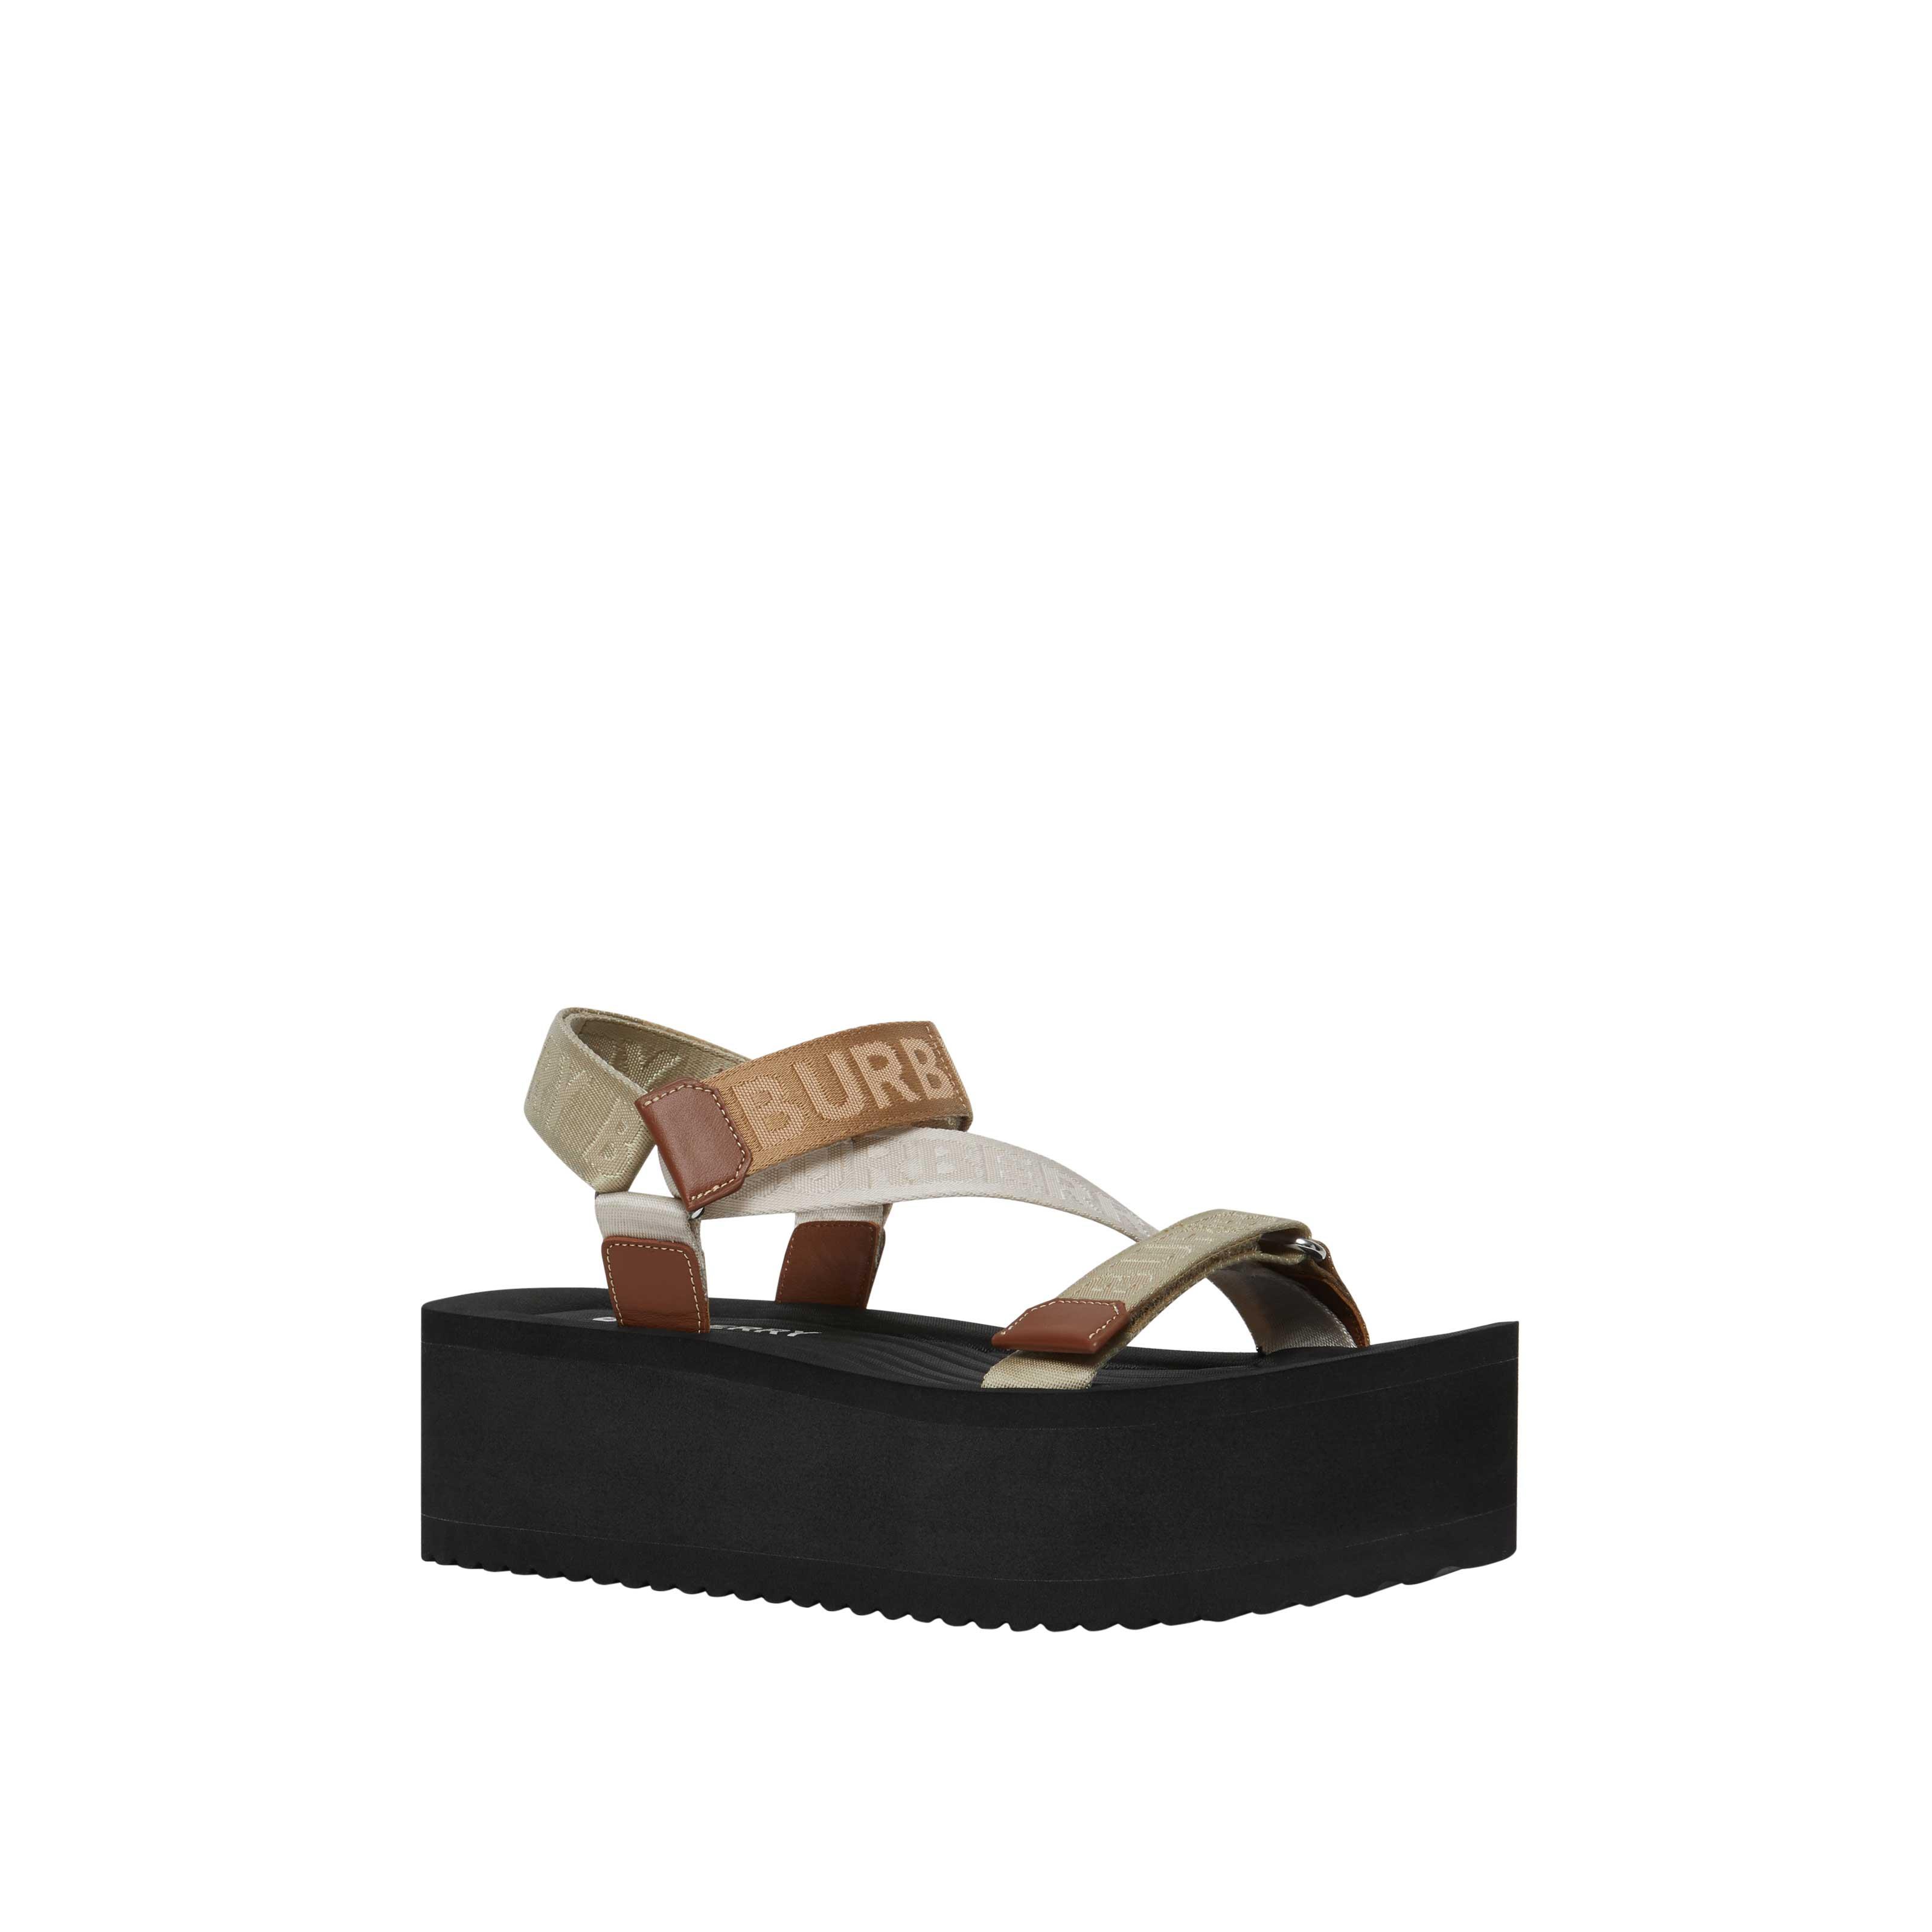 Giày sandal đế thô màu nâu trong BST Burberry TB Summer Monogram